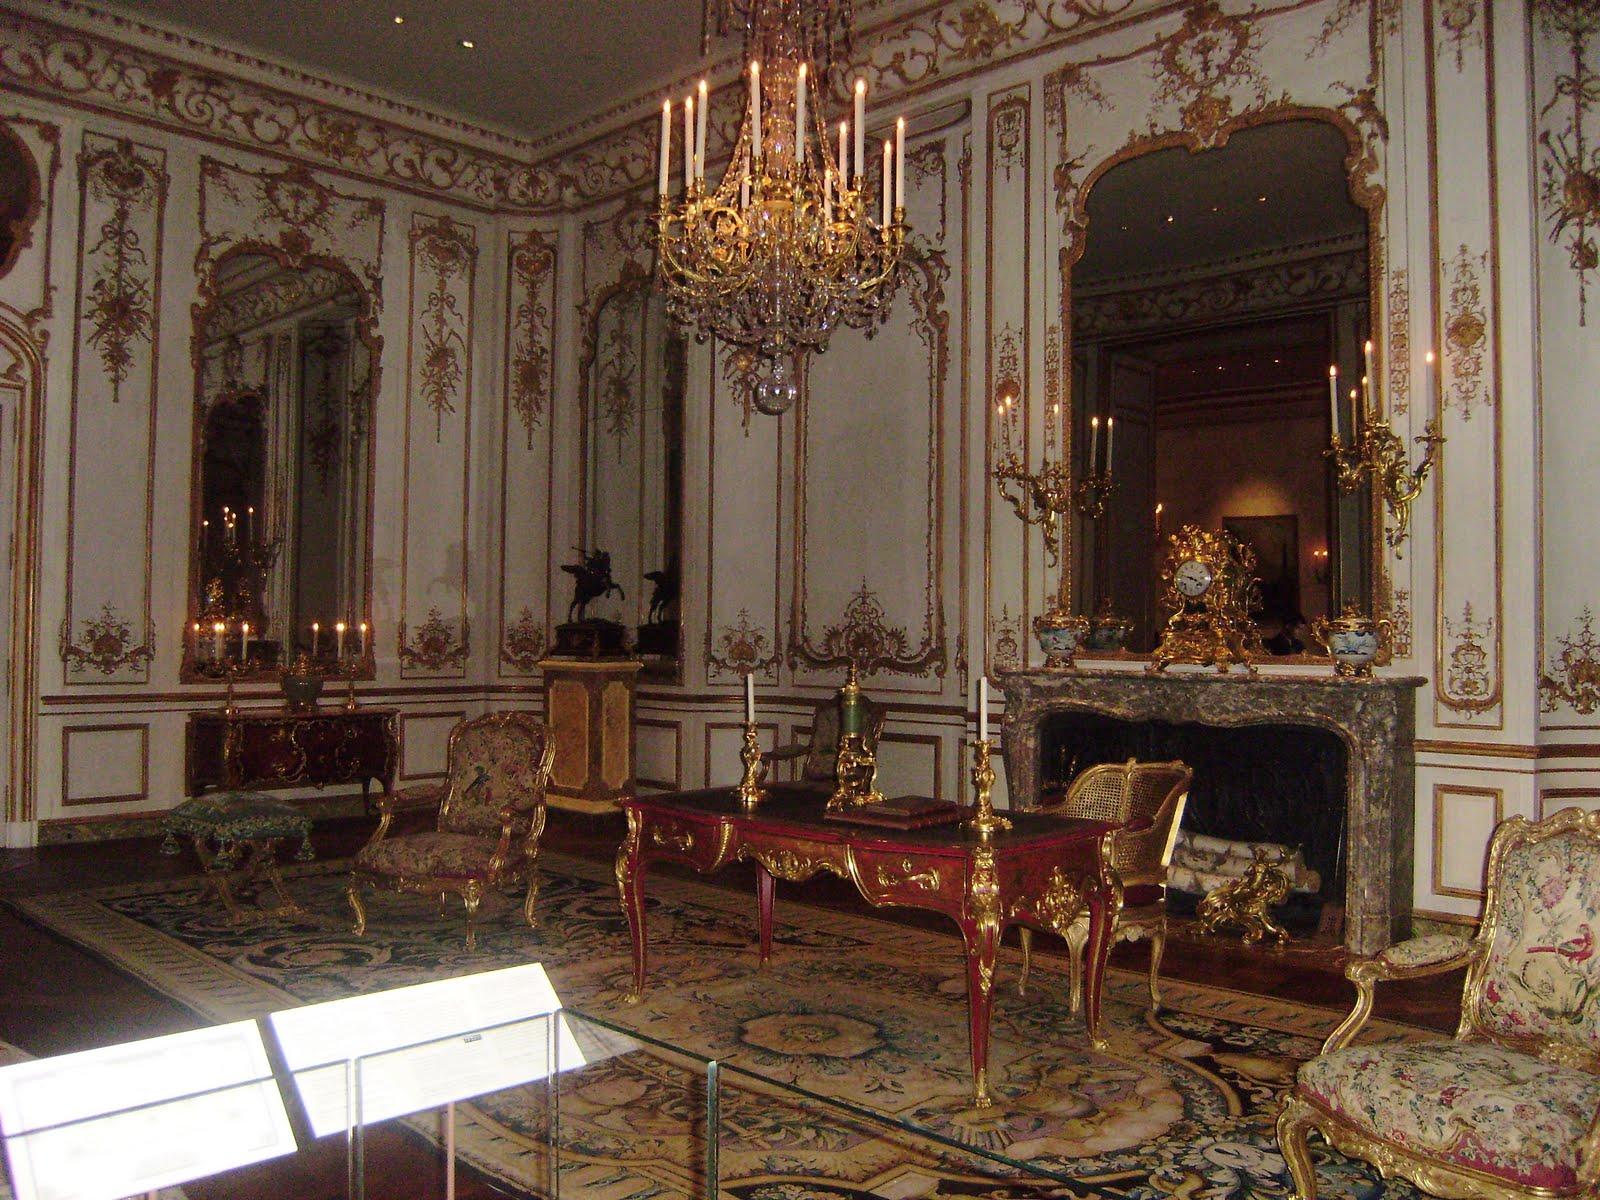 baroque architecture interior - photo #27